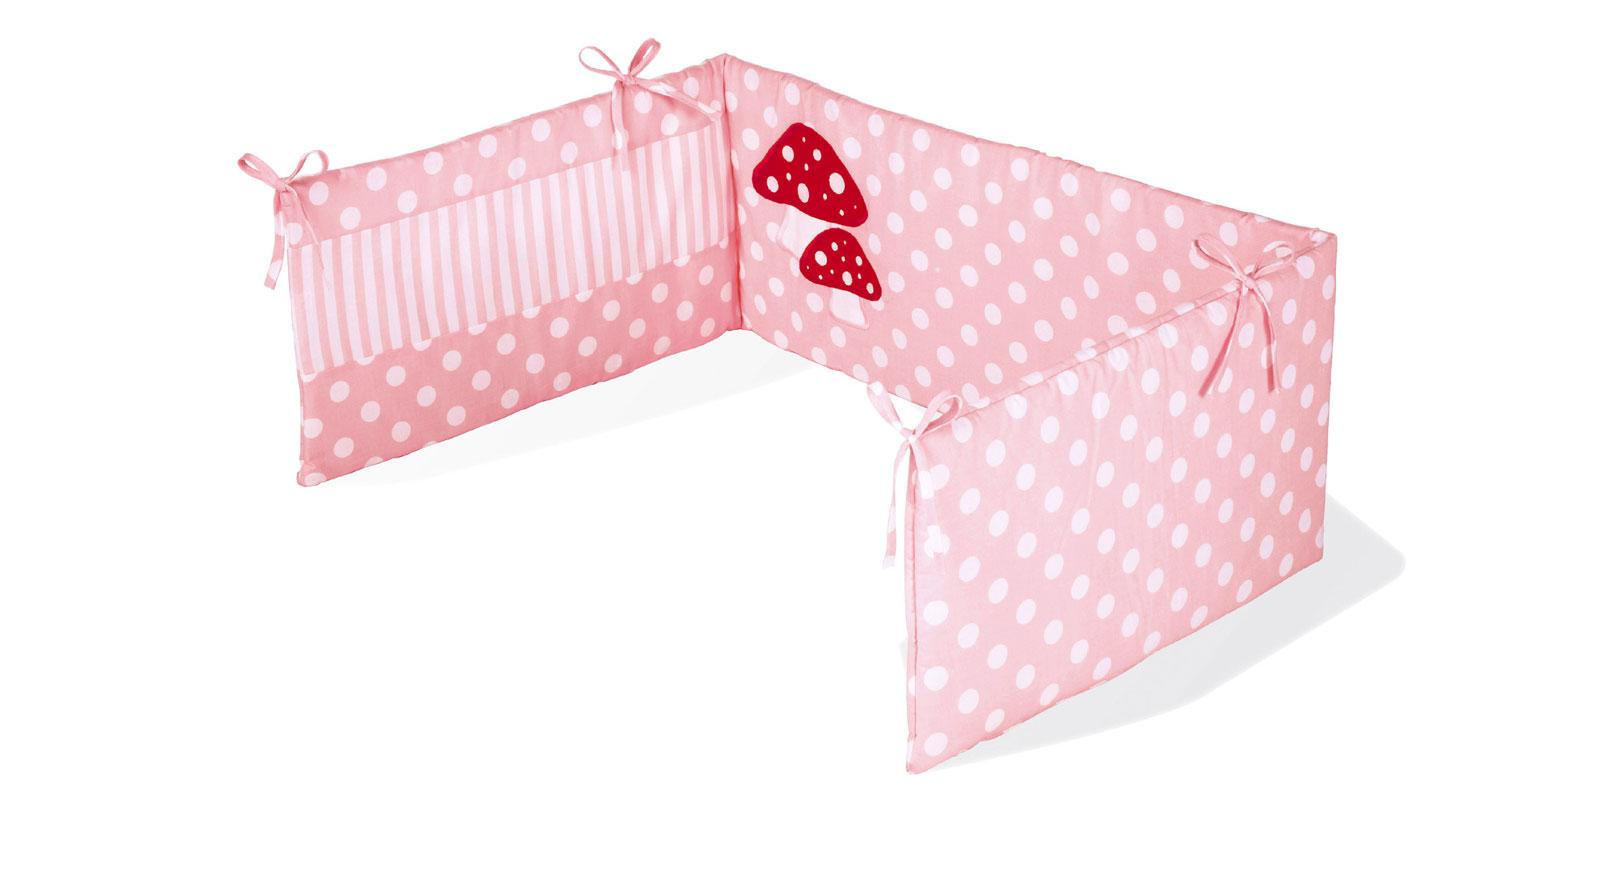 betthimmel und nestchen gl ckspilz rosa f r m dchen. Black Bedroom Furniture Sets. Home Design Ideas